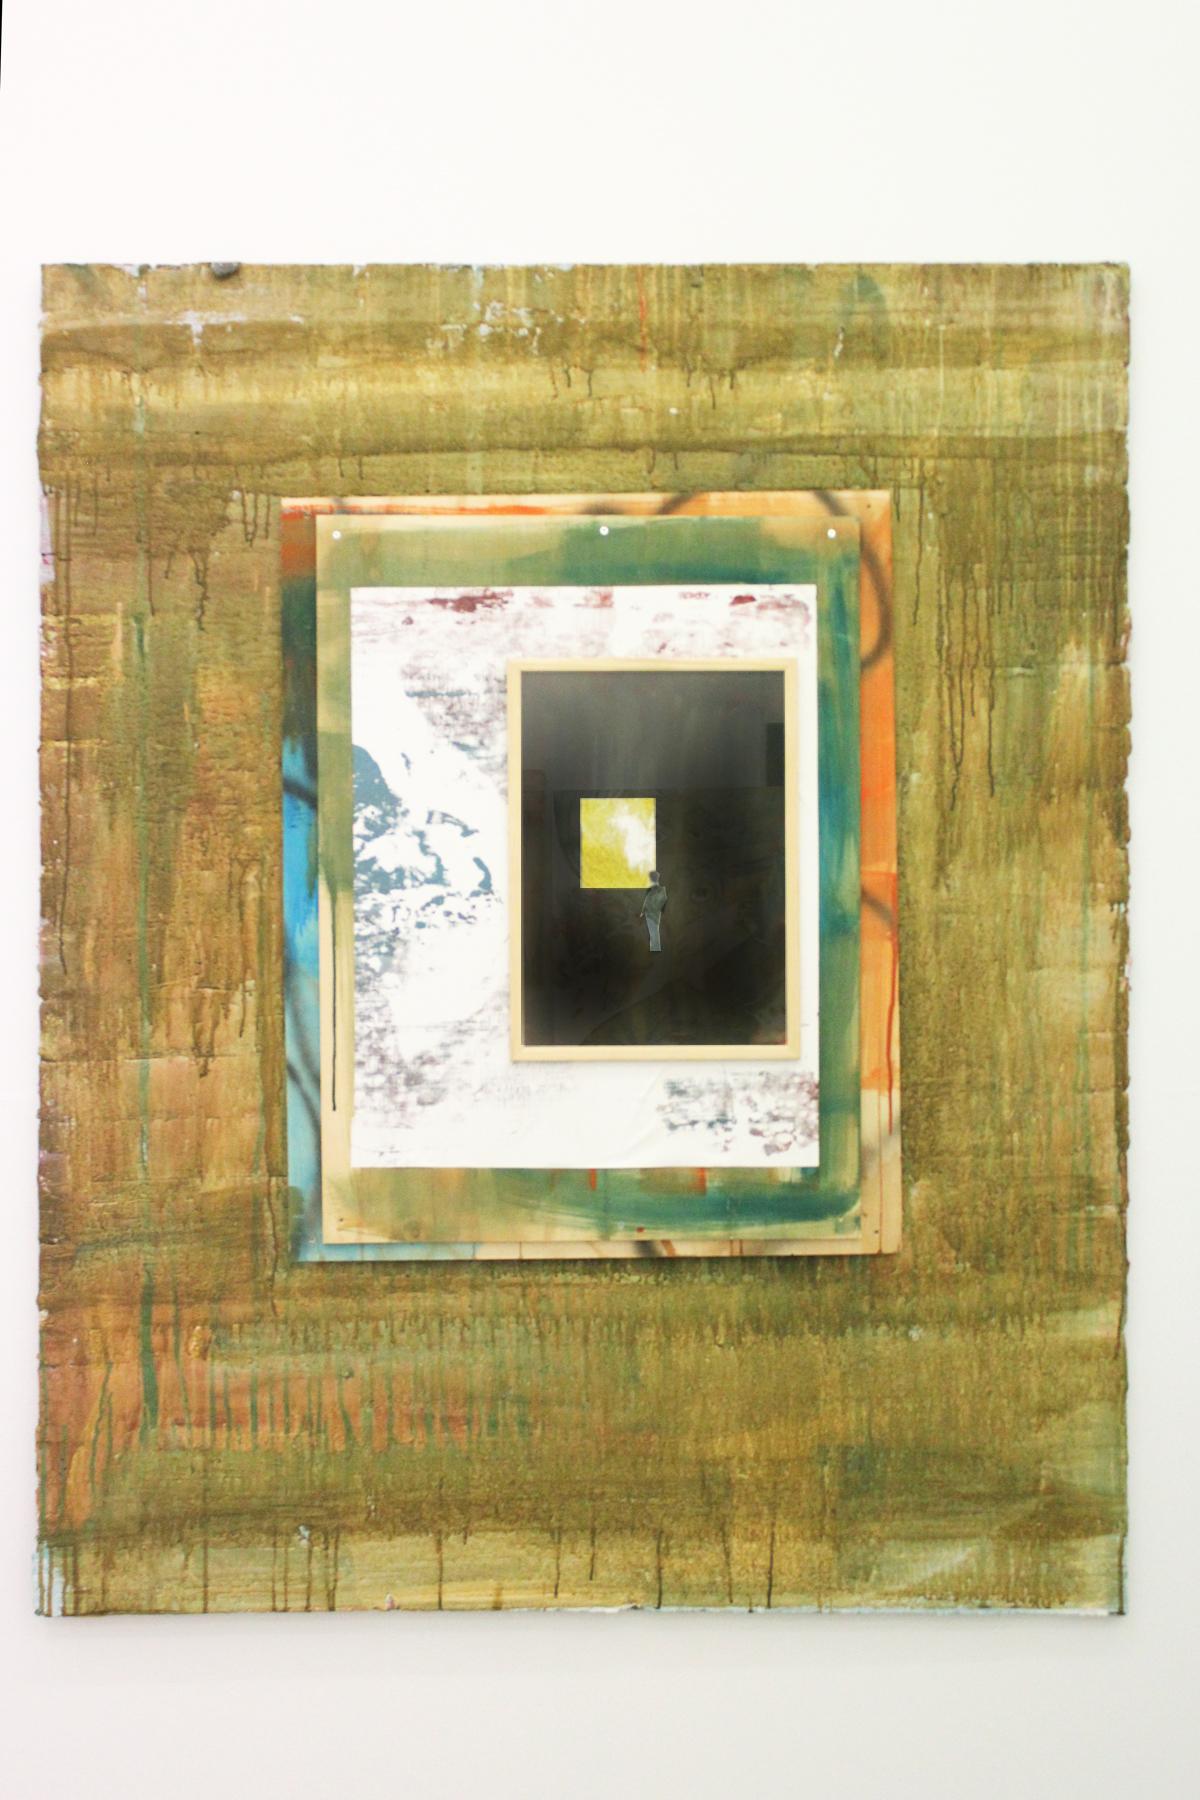 Ulrik Weck, Untitled, 2012